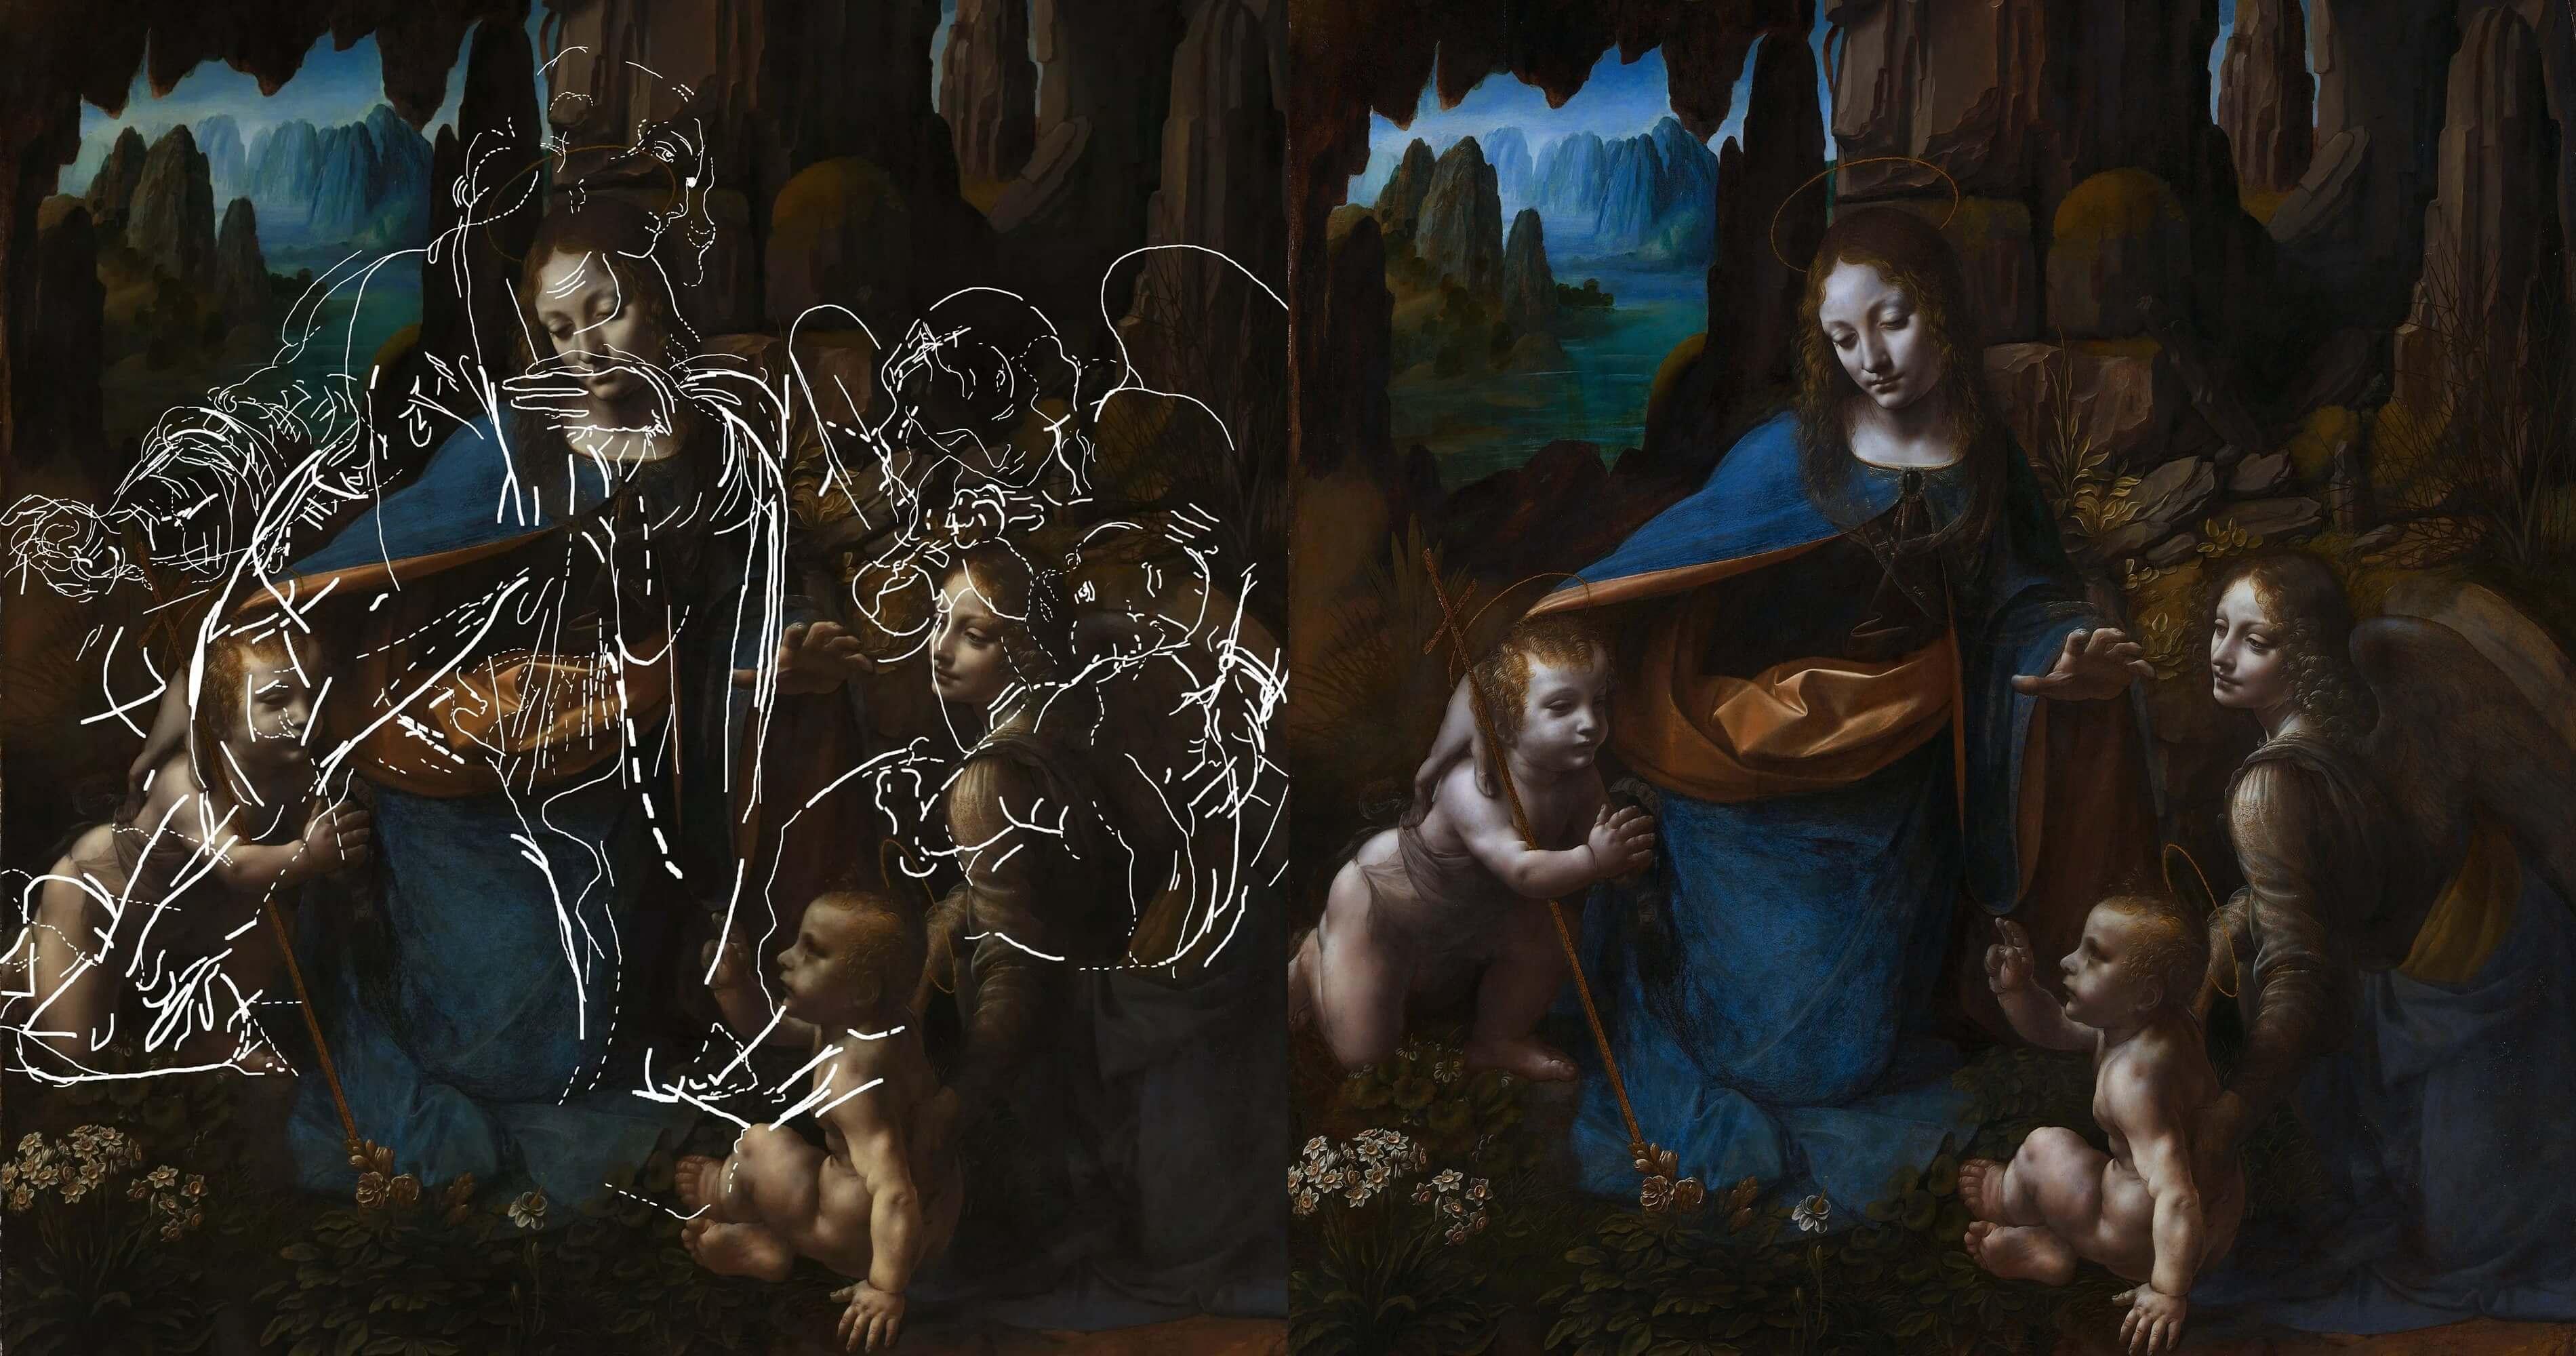 達文西逝世五百年特展 沉浸式體驗【岩窟中的聖母】的隱藏構圖